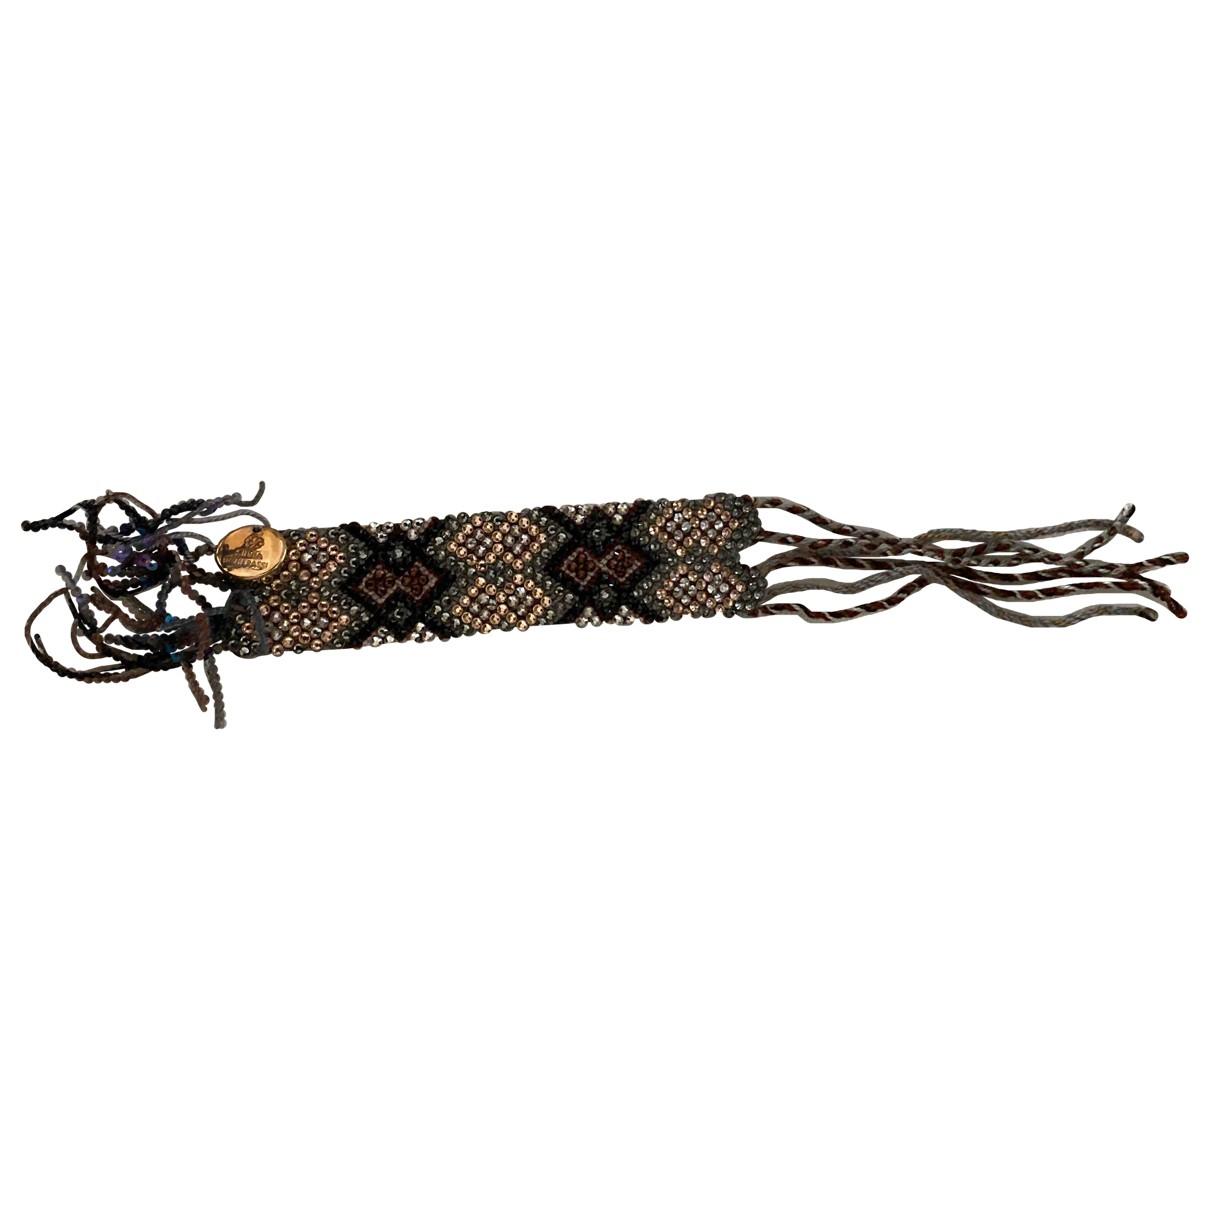 Silviatcherassi \N Armband in  Grau Leinen